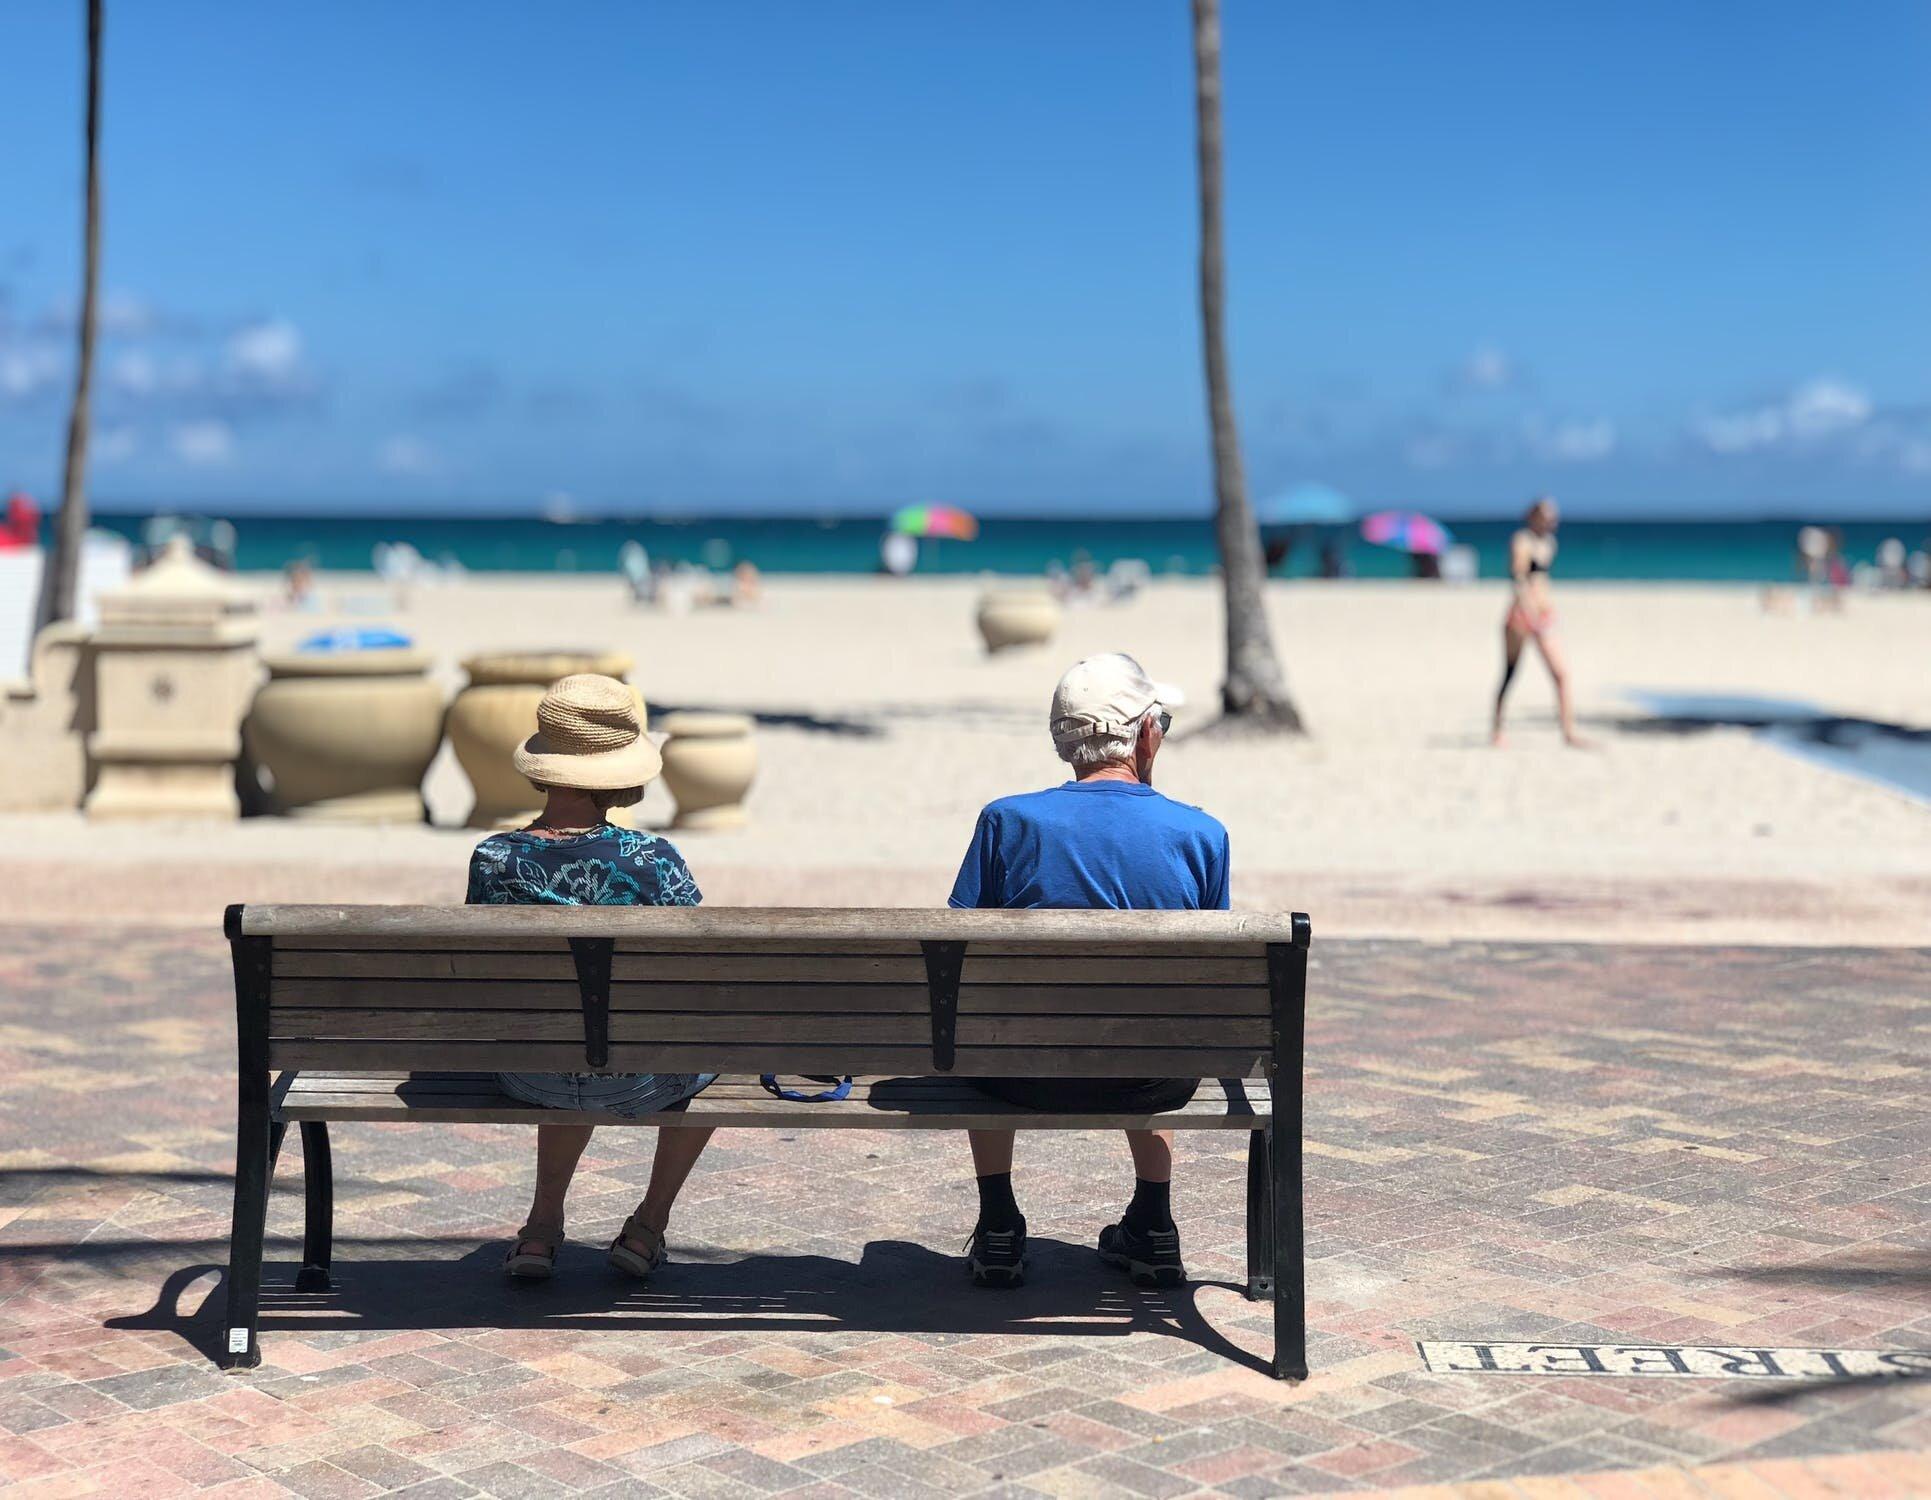 Le sentiment de sécurité est un critère essentiel lors d'une expatriation pour la retraite